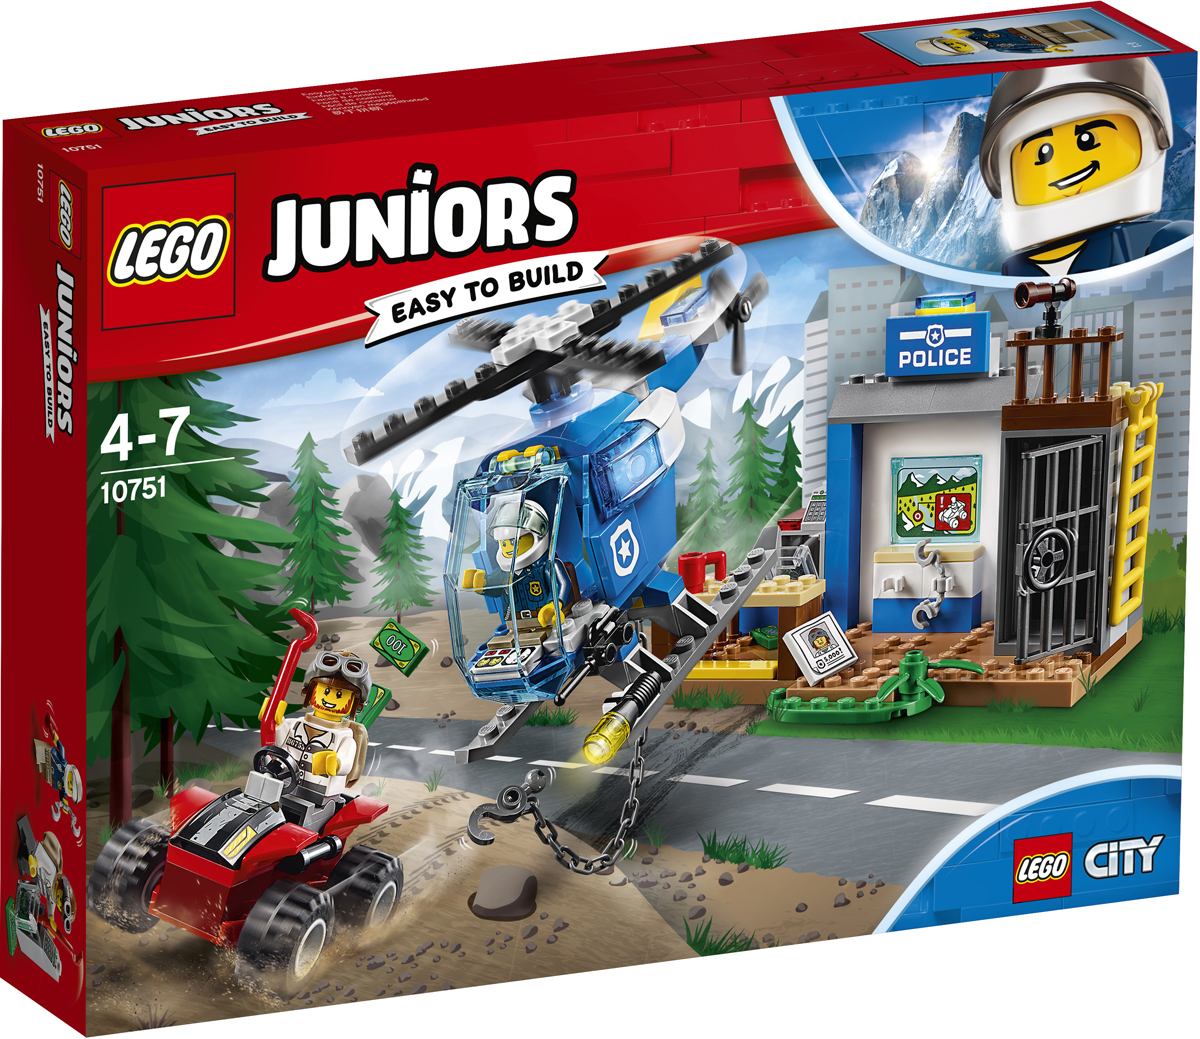 LEGO Juniors Конструктор Погоня горной полиции 10751 конструктор lego juniors ветеринарная клиника мии 10728